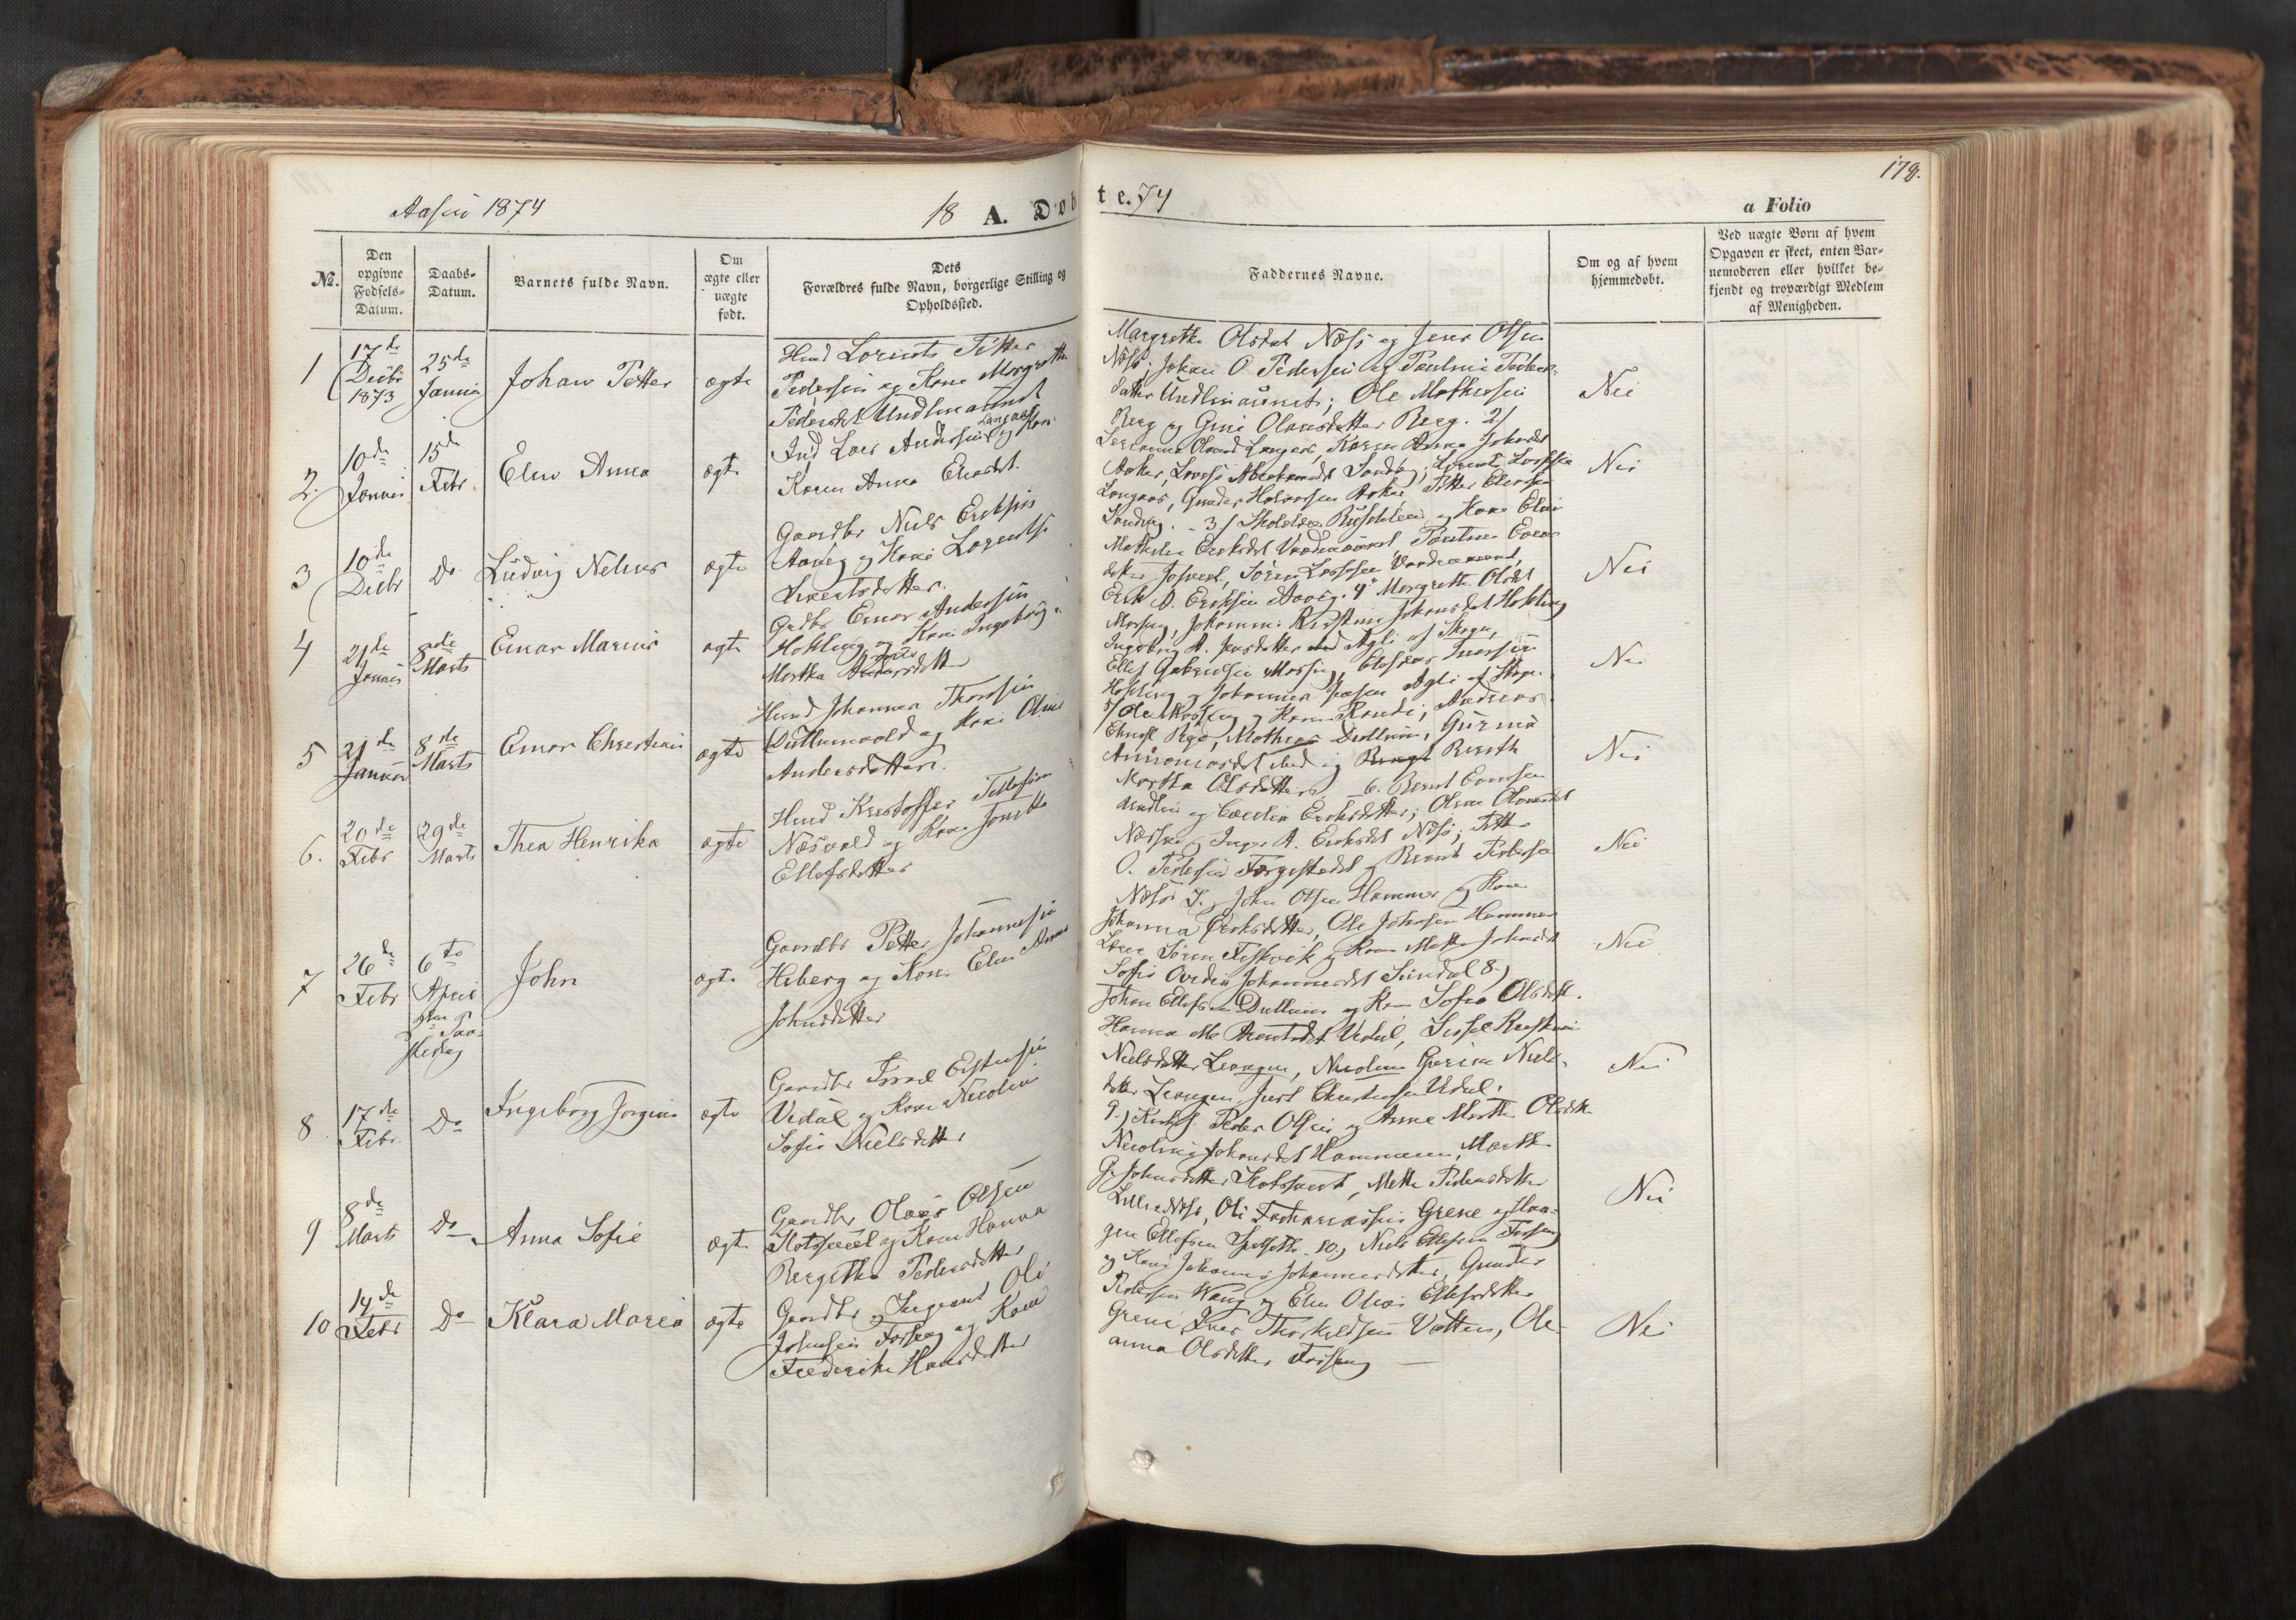 SAT, Ministerialprotokoller, klokkerbøker og fødselsregistre - Nord-Trøndelag, 713/L0116: Ministerialbok nr. 713A07, 1850-1877, s. 172